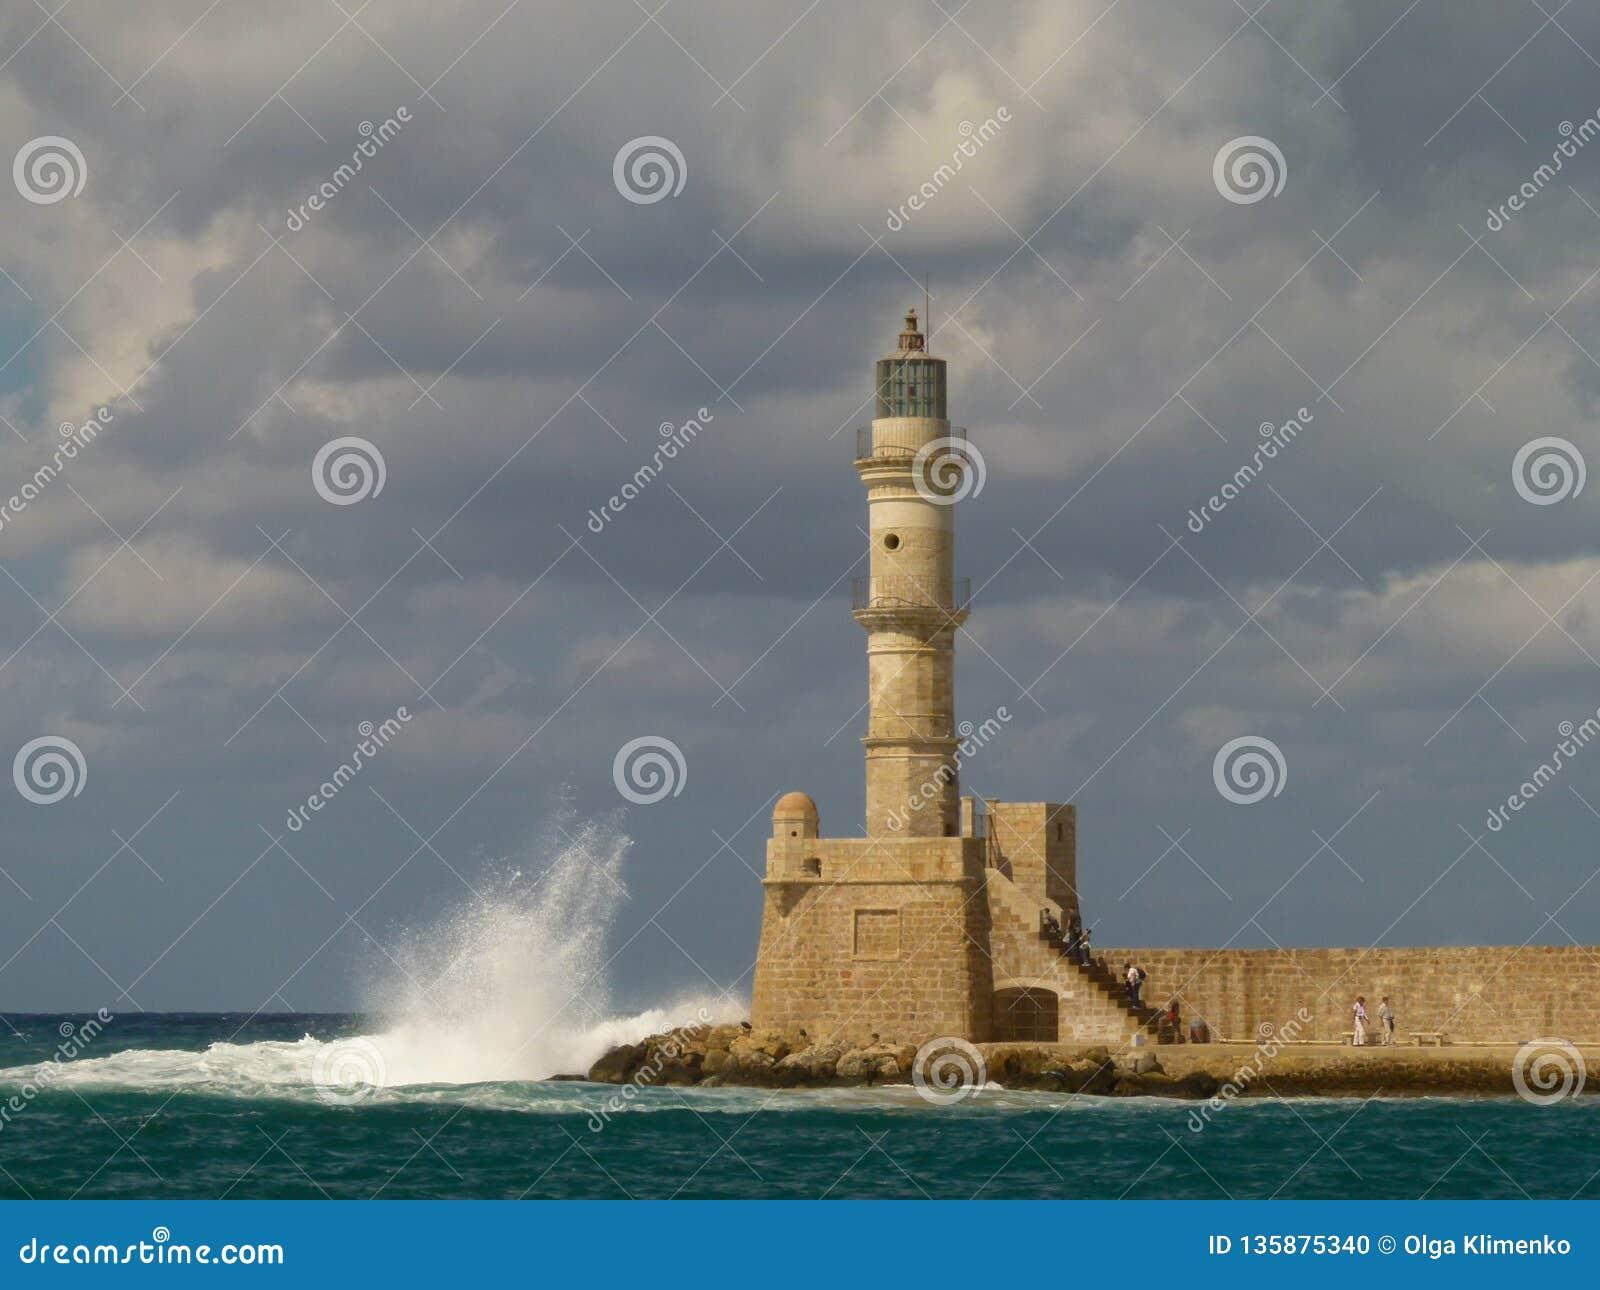 Ponure szare chmury wieszają nad latarnią morską żółte i białe cegły w Chania, o którym rozbijają fale